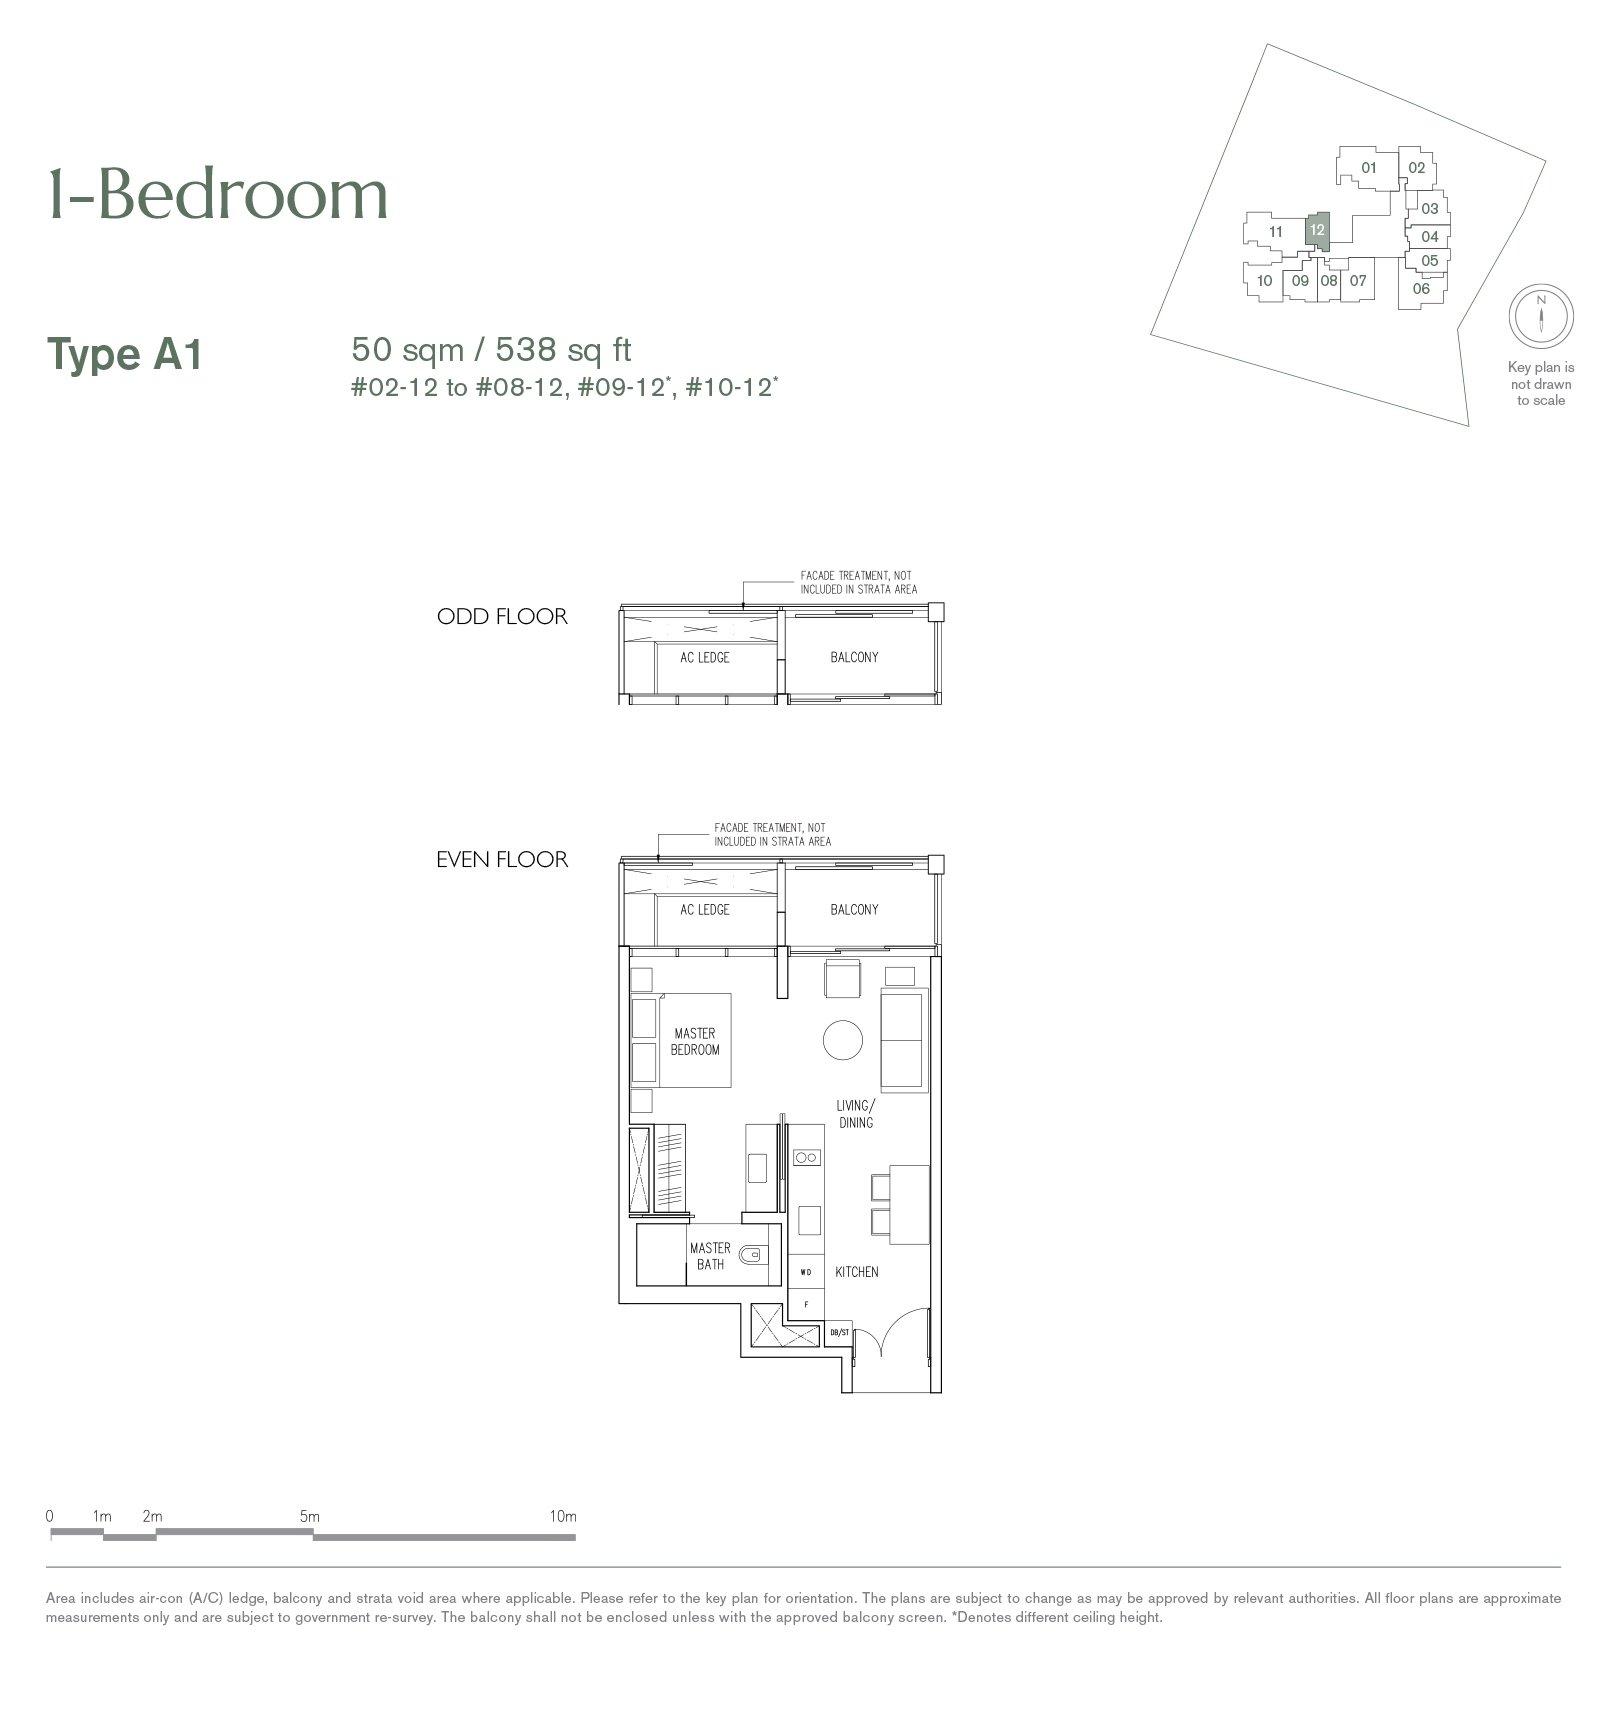 19 Nassim 纳森山公寓 floor plan 1-bedroom A1